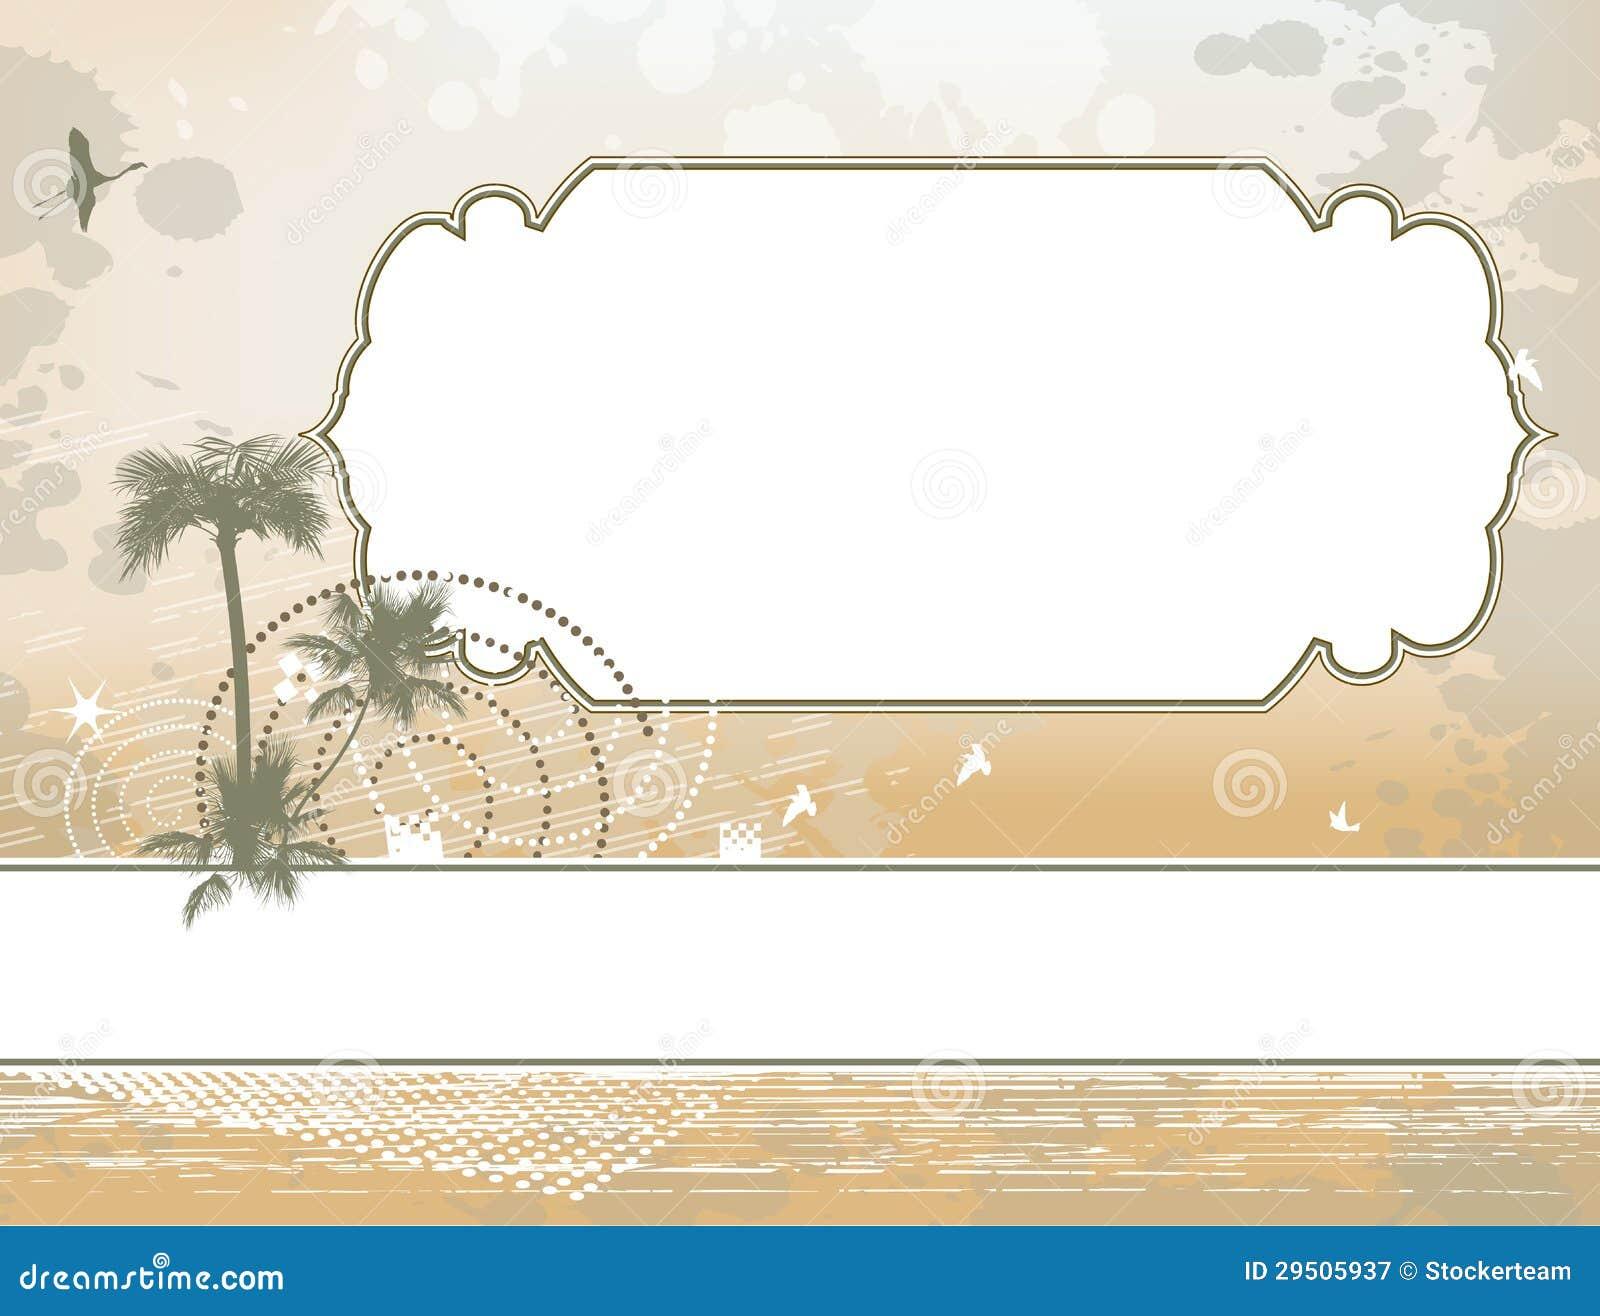 Het frame van de palm en shadoof achtergrond